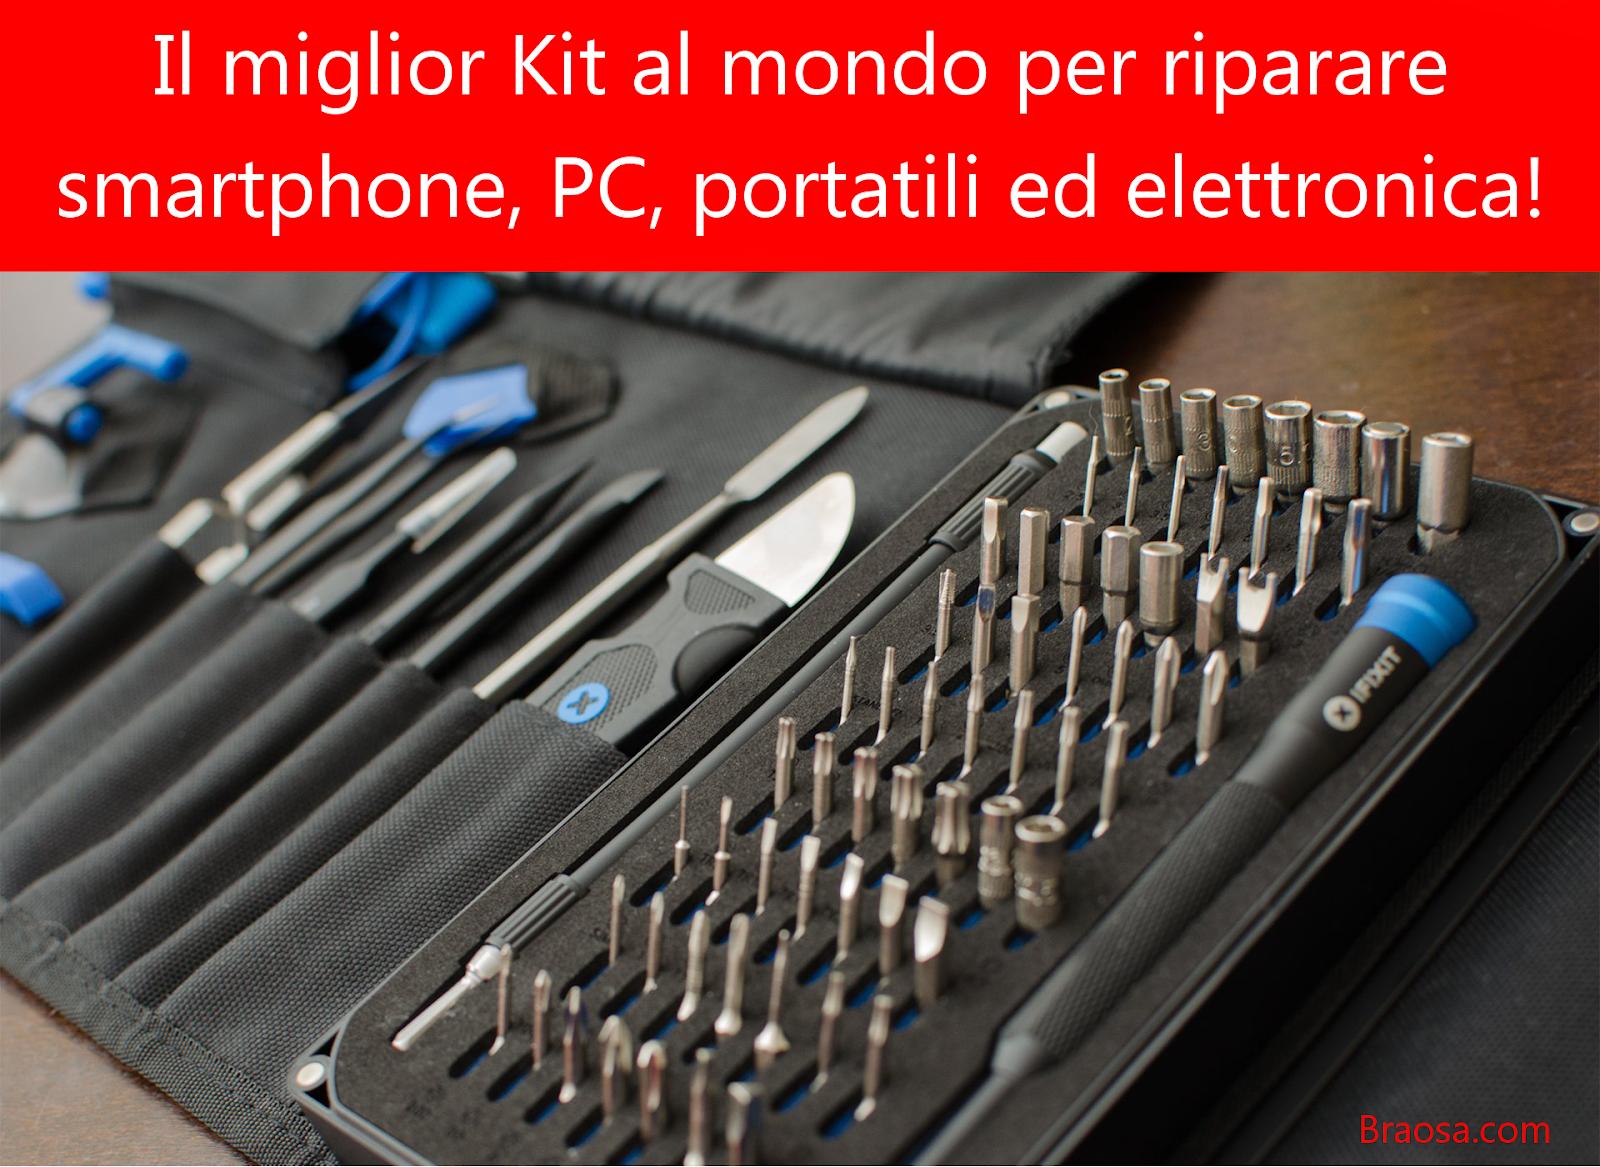 Il kit di riparazione elettronica migliore e più completo al mondo